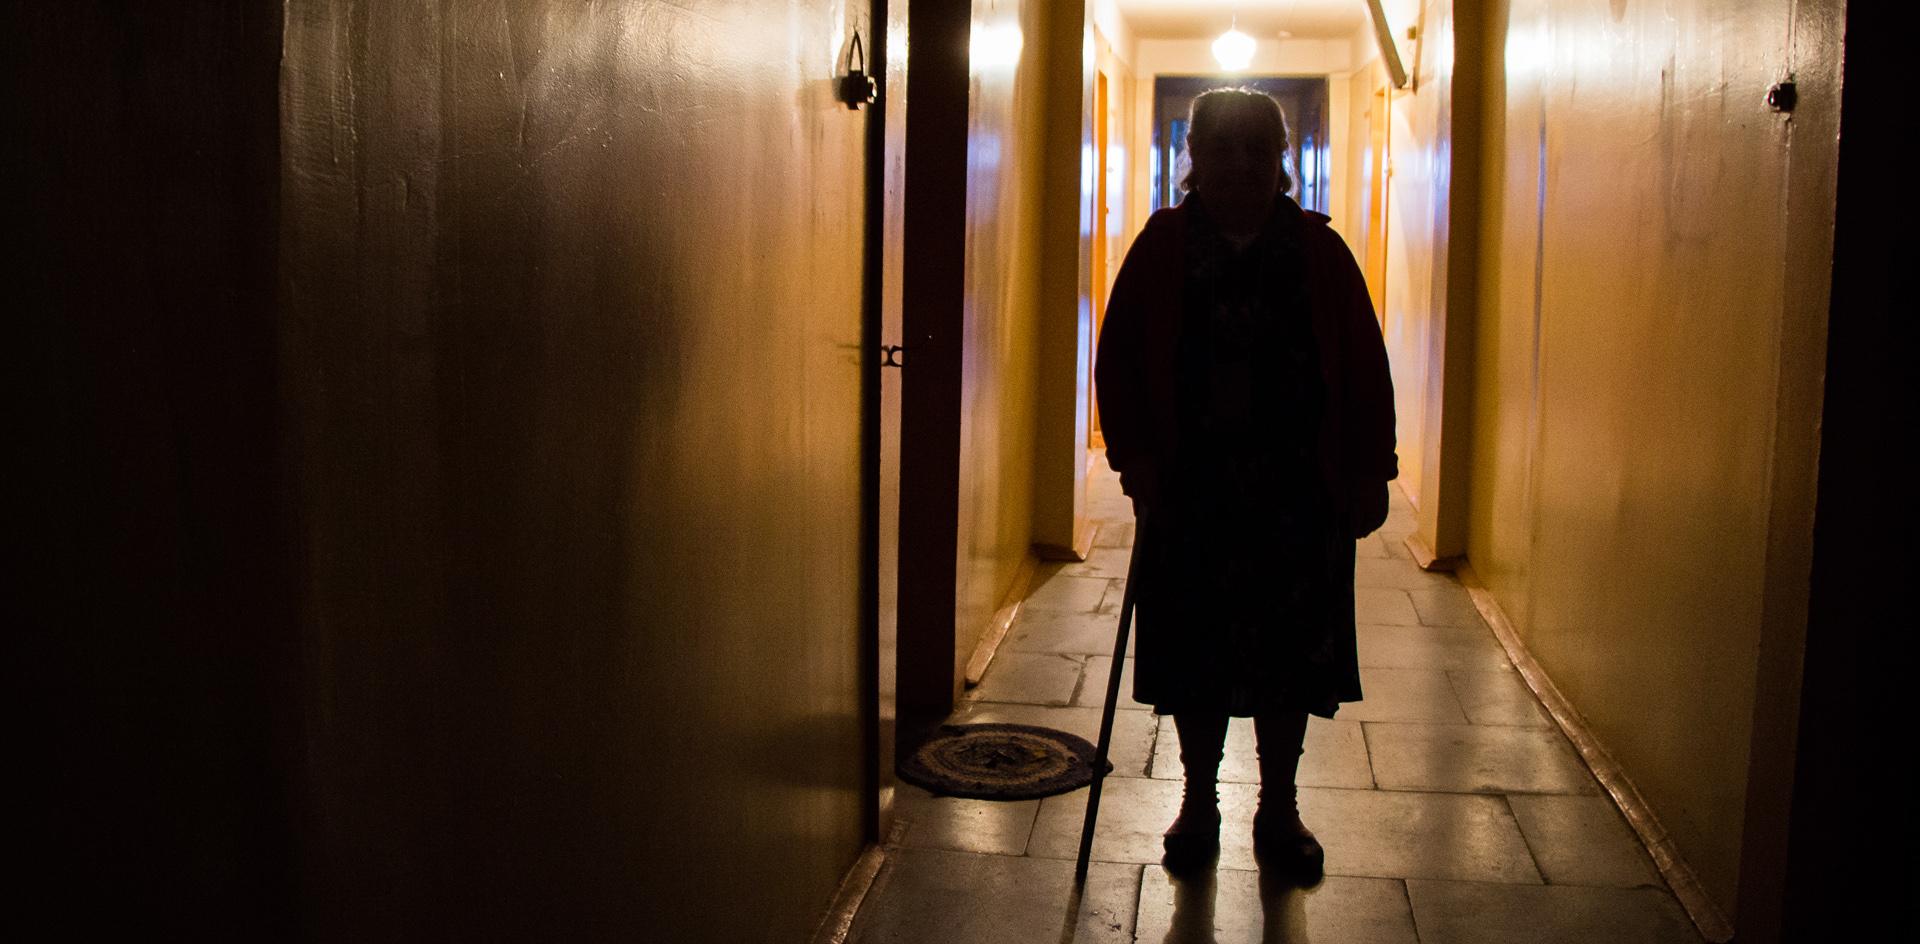 «Пенсионеров в Москве бросили как котят в прорубь». История выживания